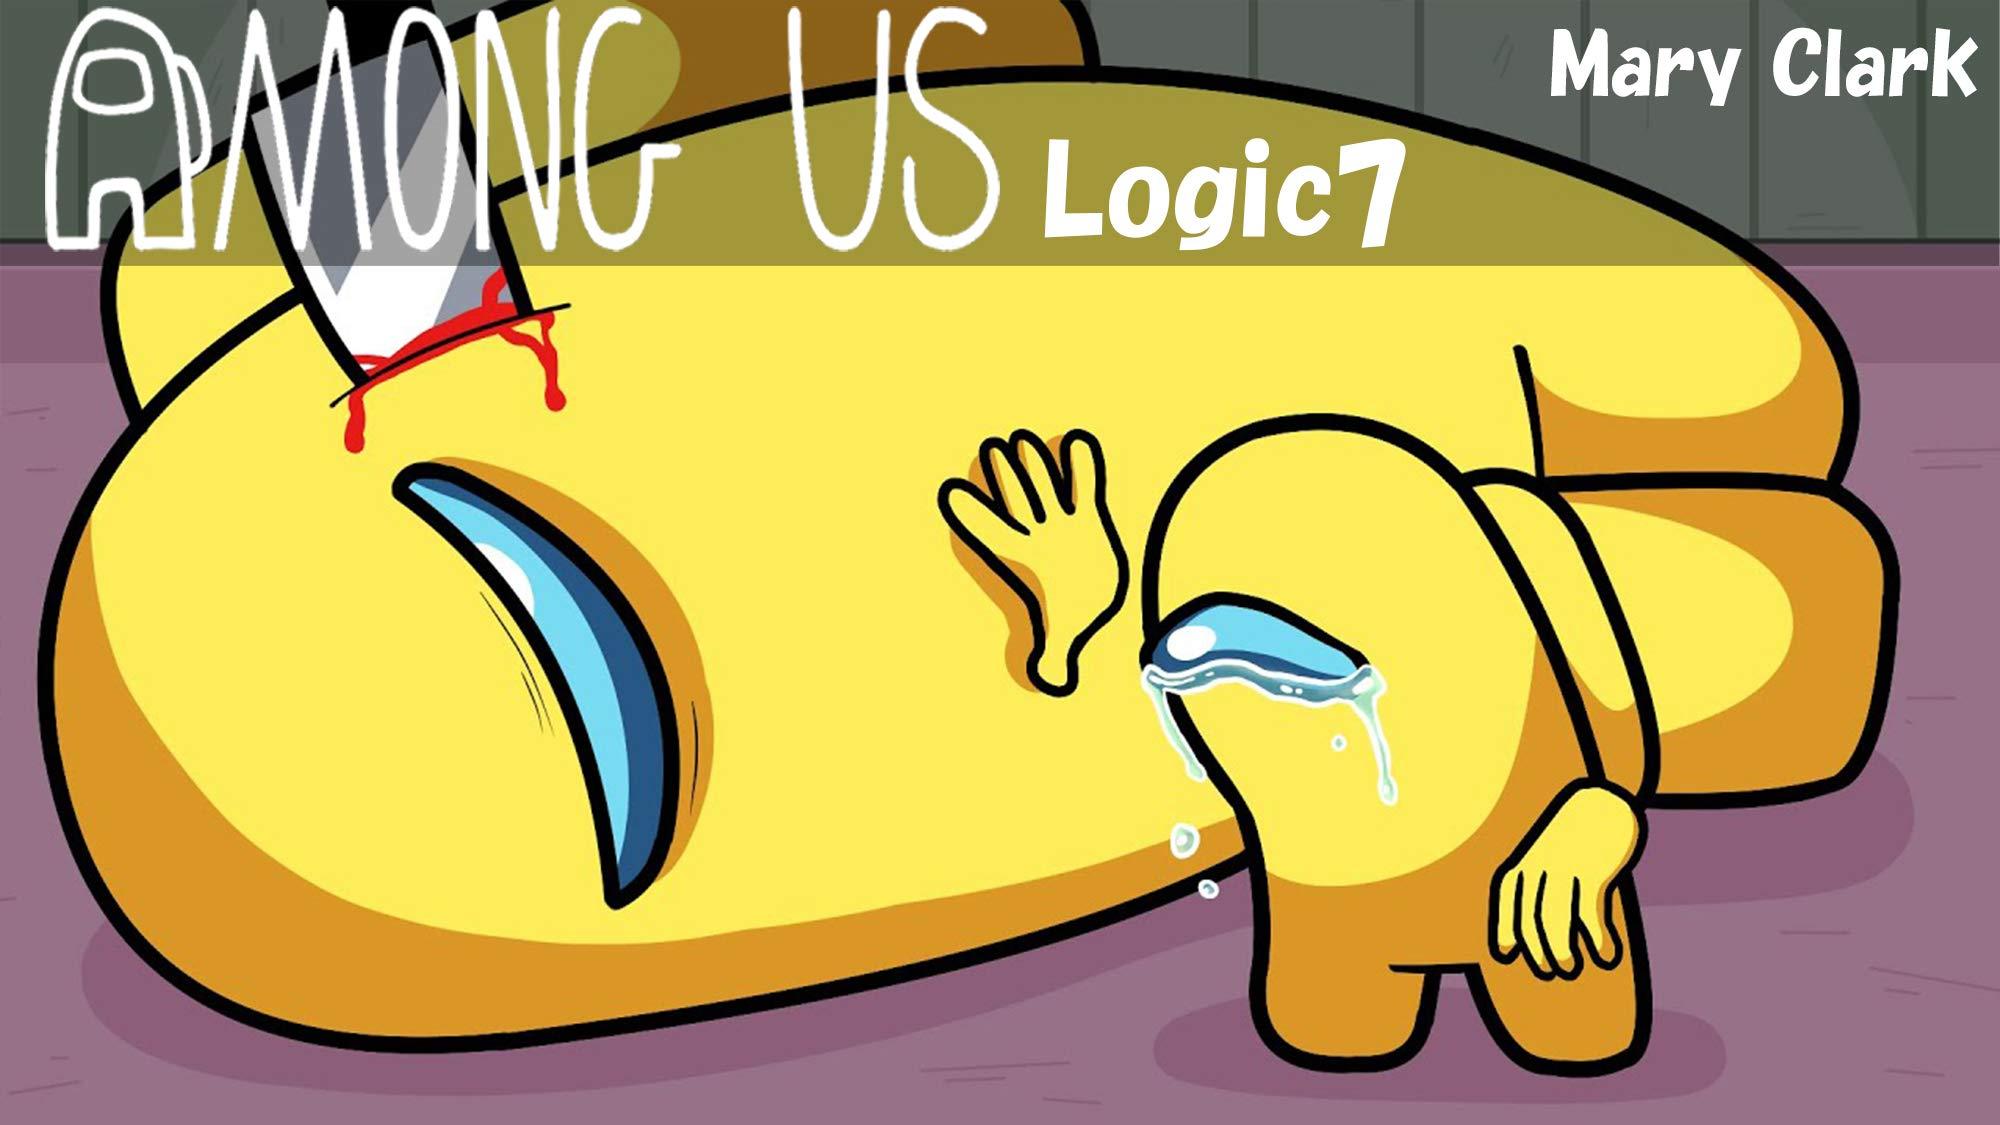 Among Us logic 7: Fun Story